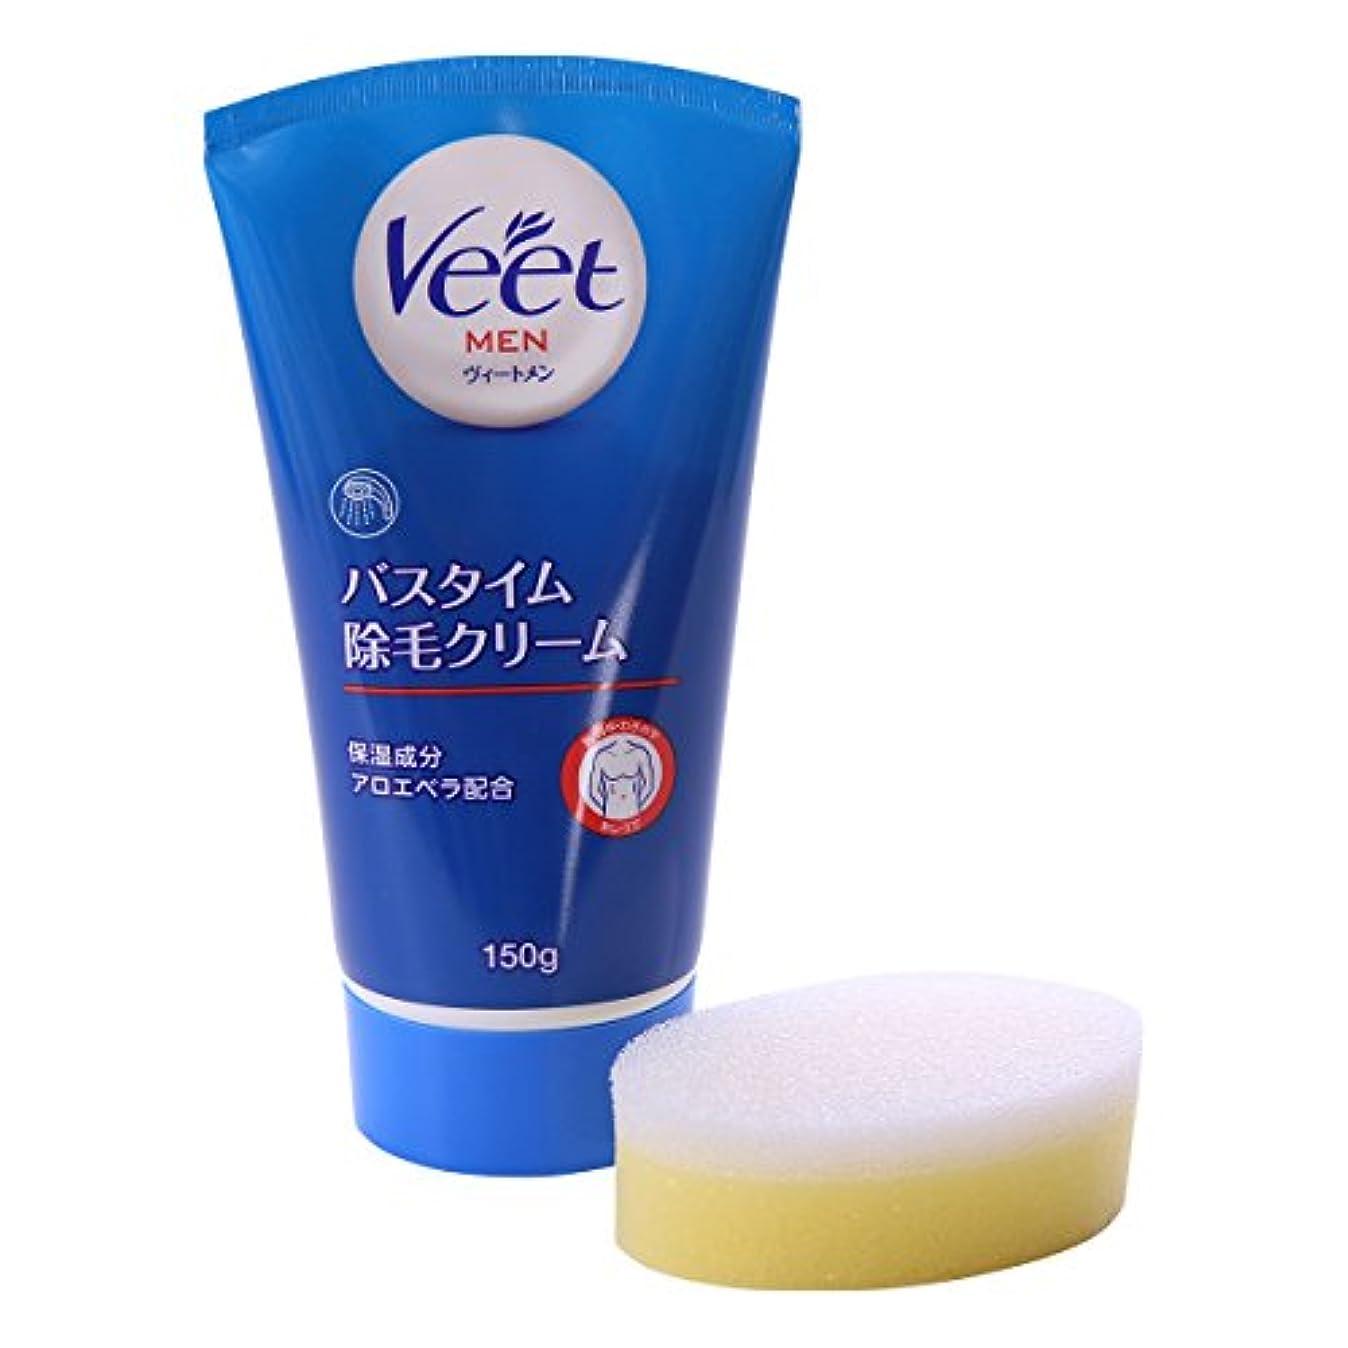 発生器等しいイヤホン(ヴィート)Veet メンズ バスタイム 除毛クリーム あし うで 胸 背中 わきの下